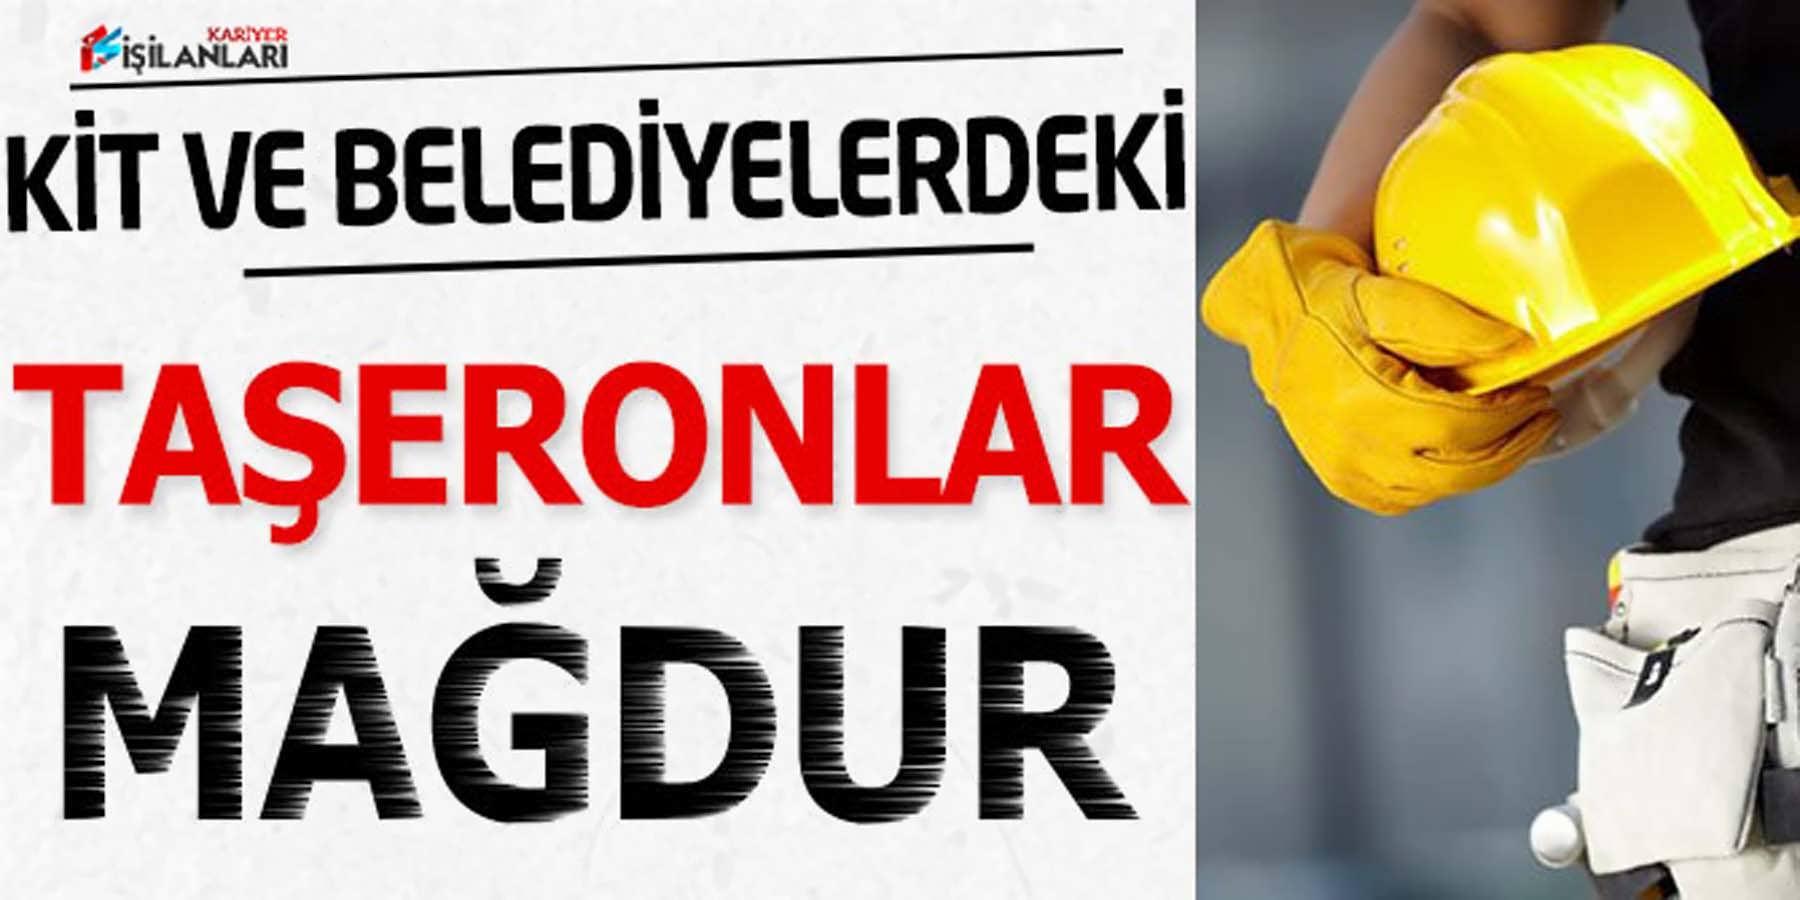 KİT ve Belediyelerdeki Taşeron İşçiler Mağdur